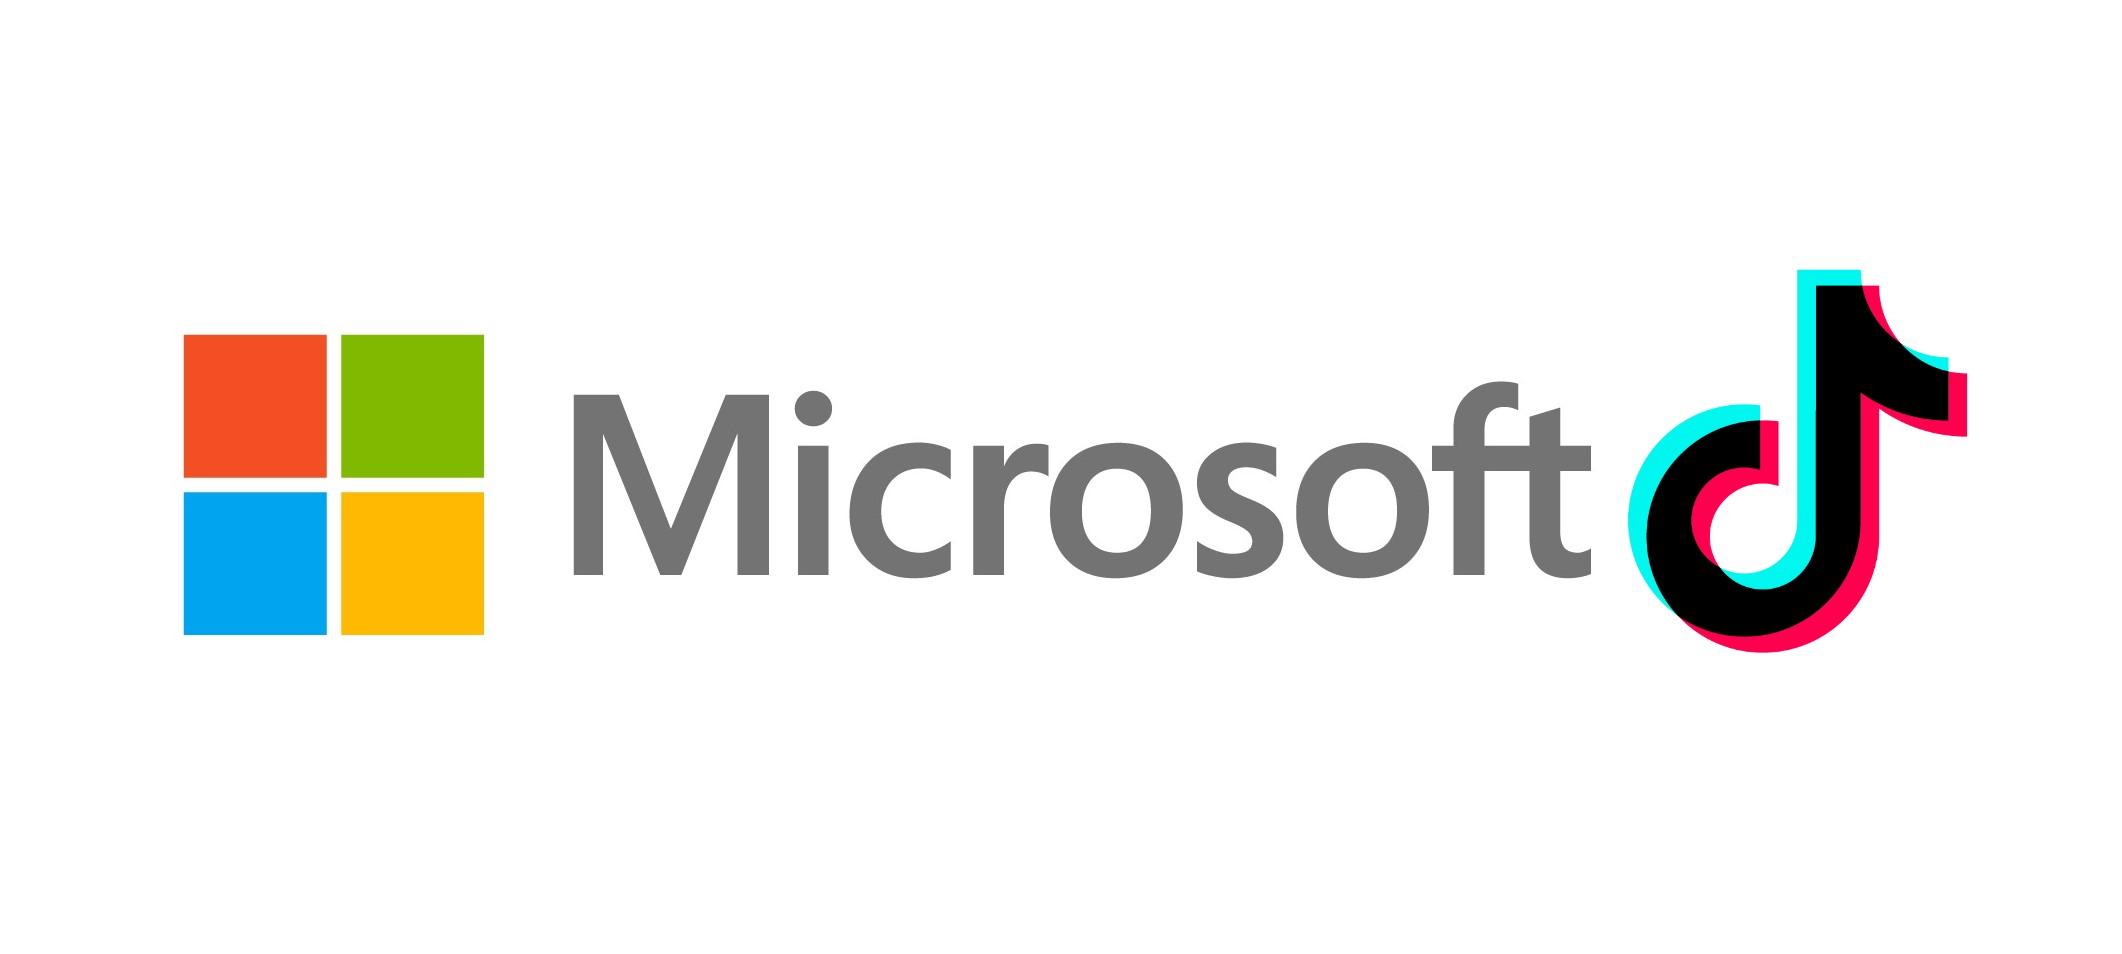 Microsoft TikTok? Plotki o chęci wykupienia części chińskiej firmy przez staruszków z Redmond